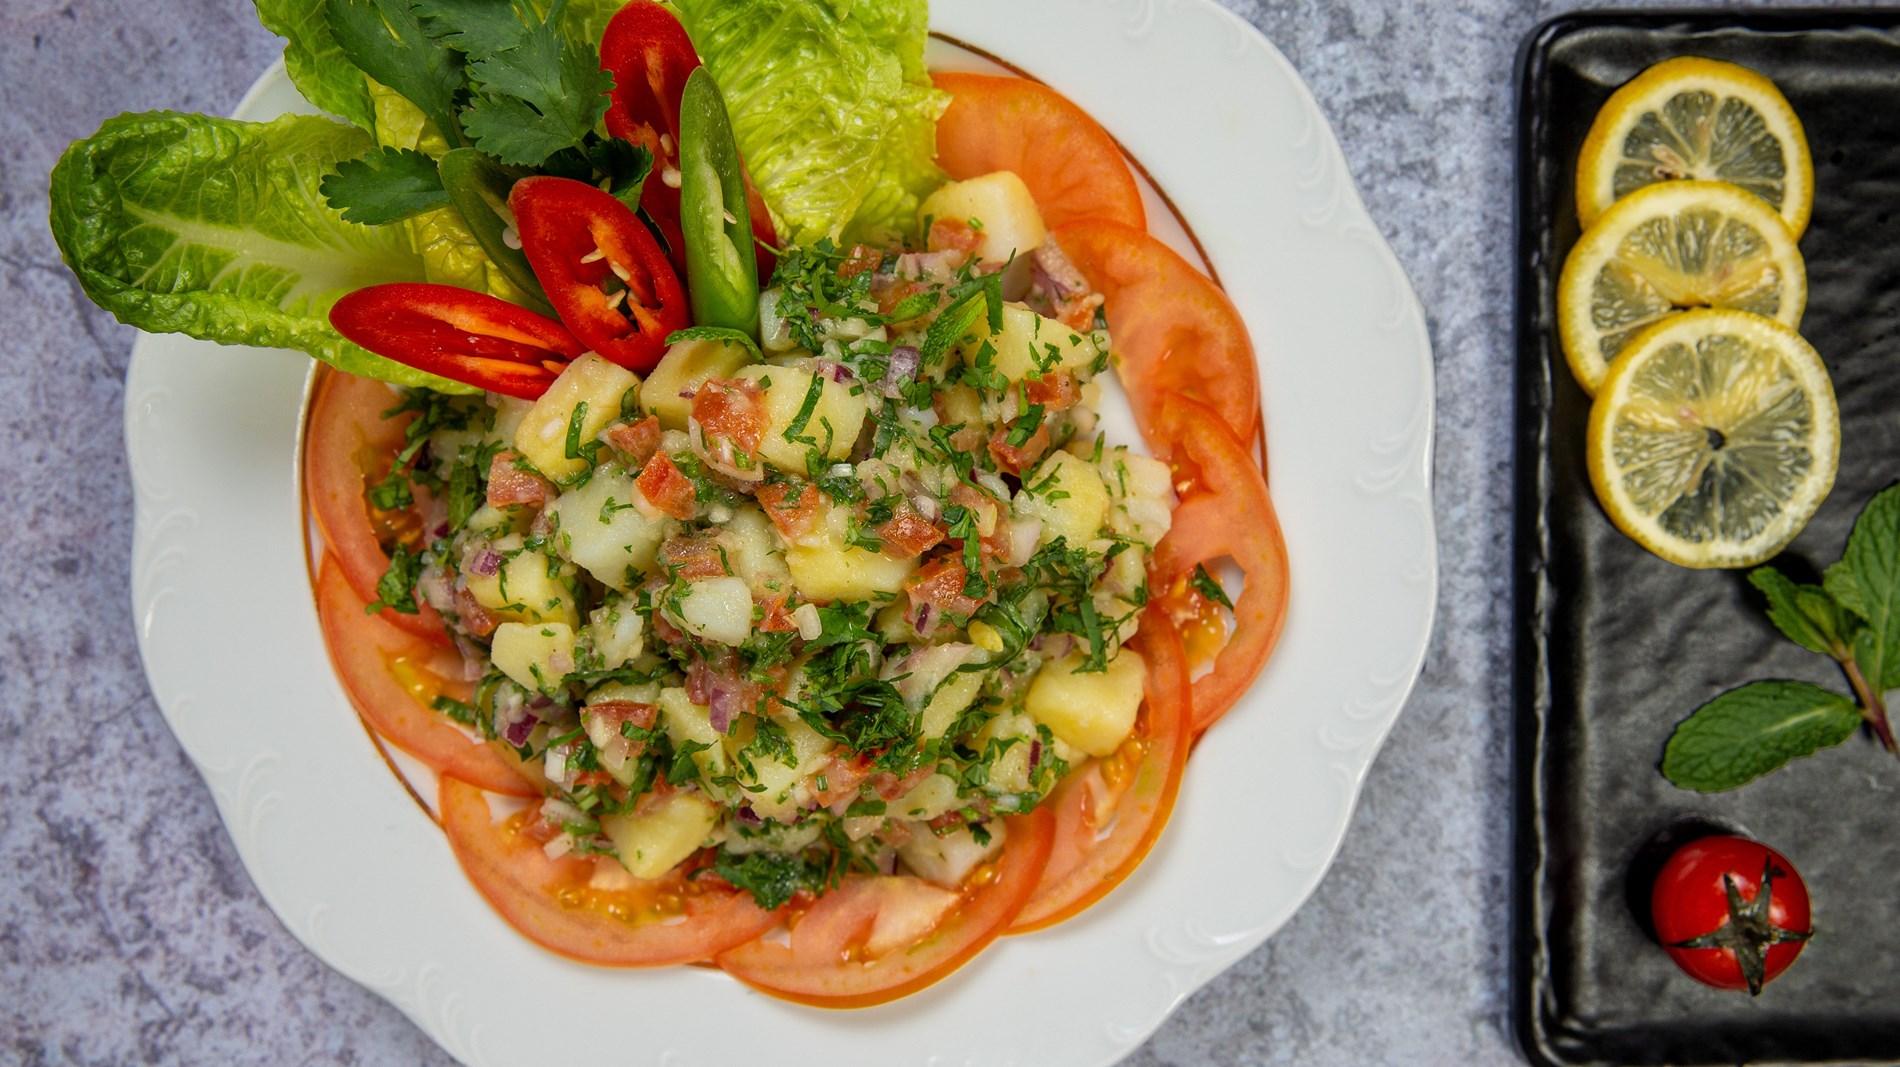 سلطة البطاطا والخضراوات